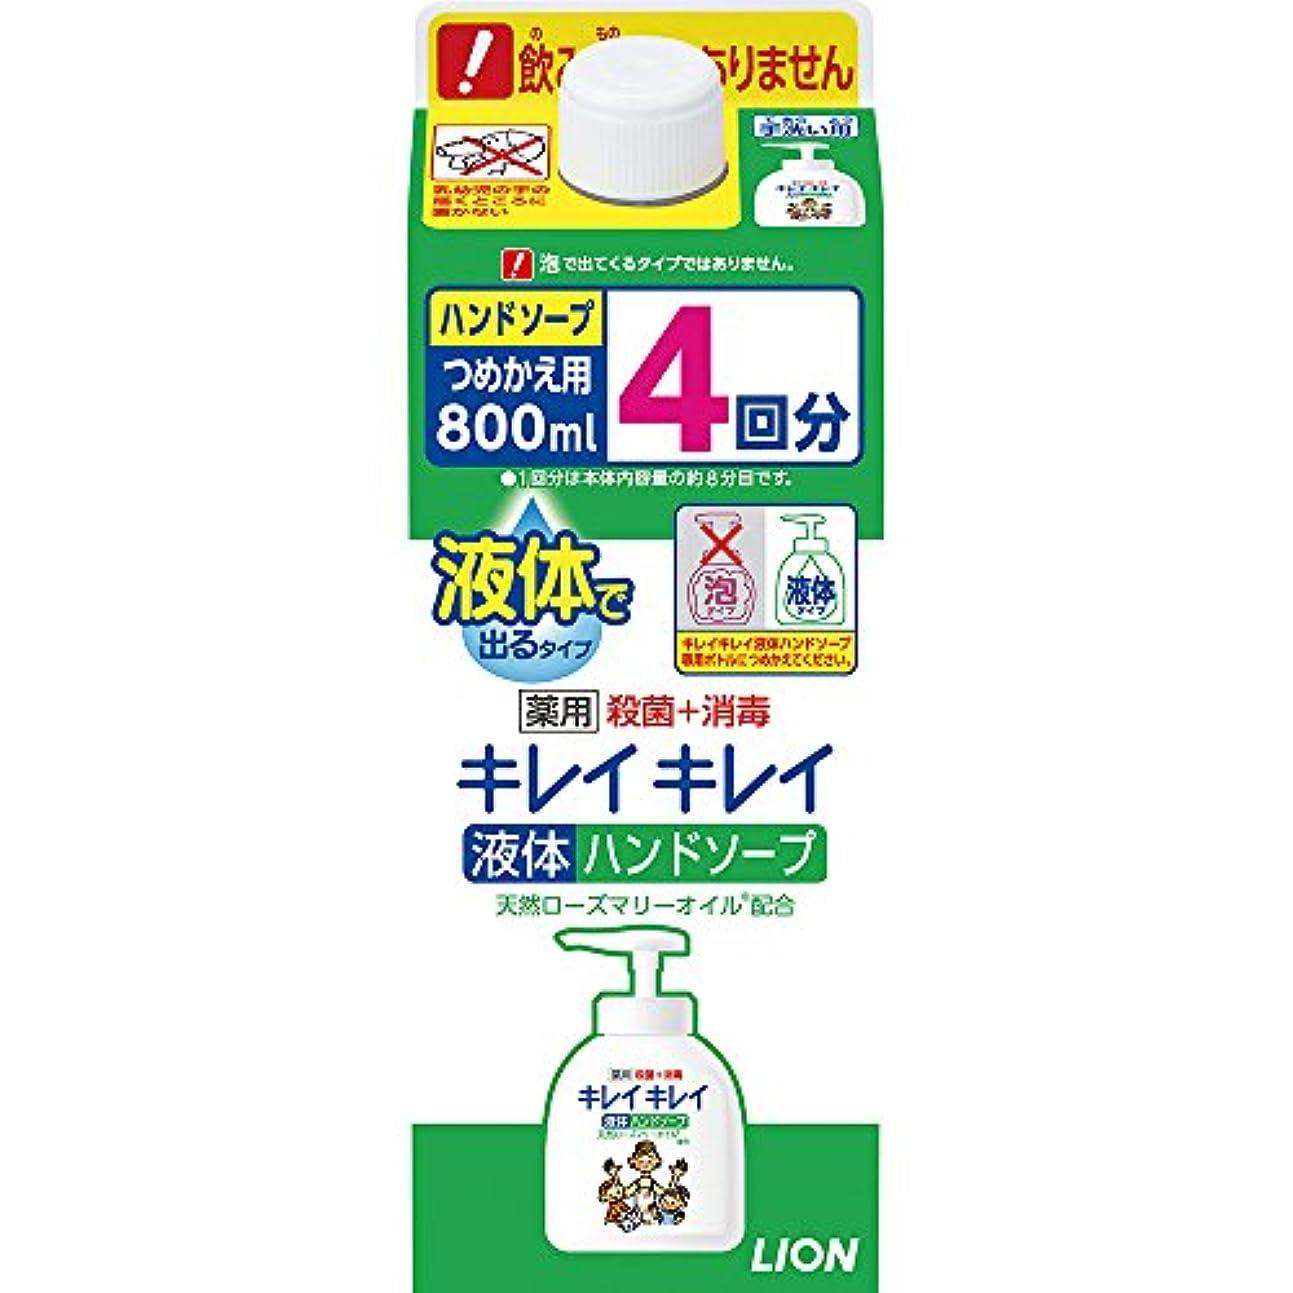 溶けるコンサルタントテラス(医薬部外品)【大容量】キレイキレイ 薬用 液体ハンドソープ 詰め替え 特大 800ml